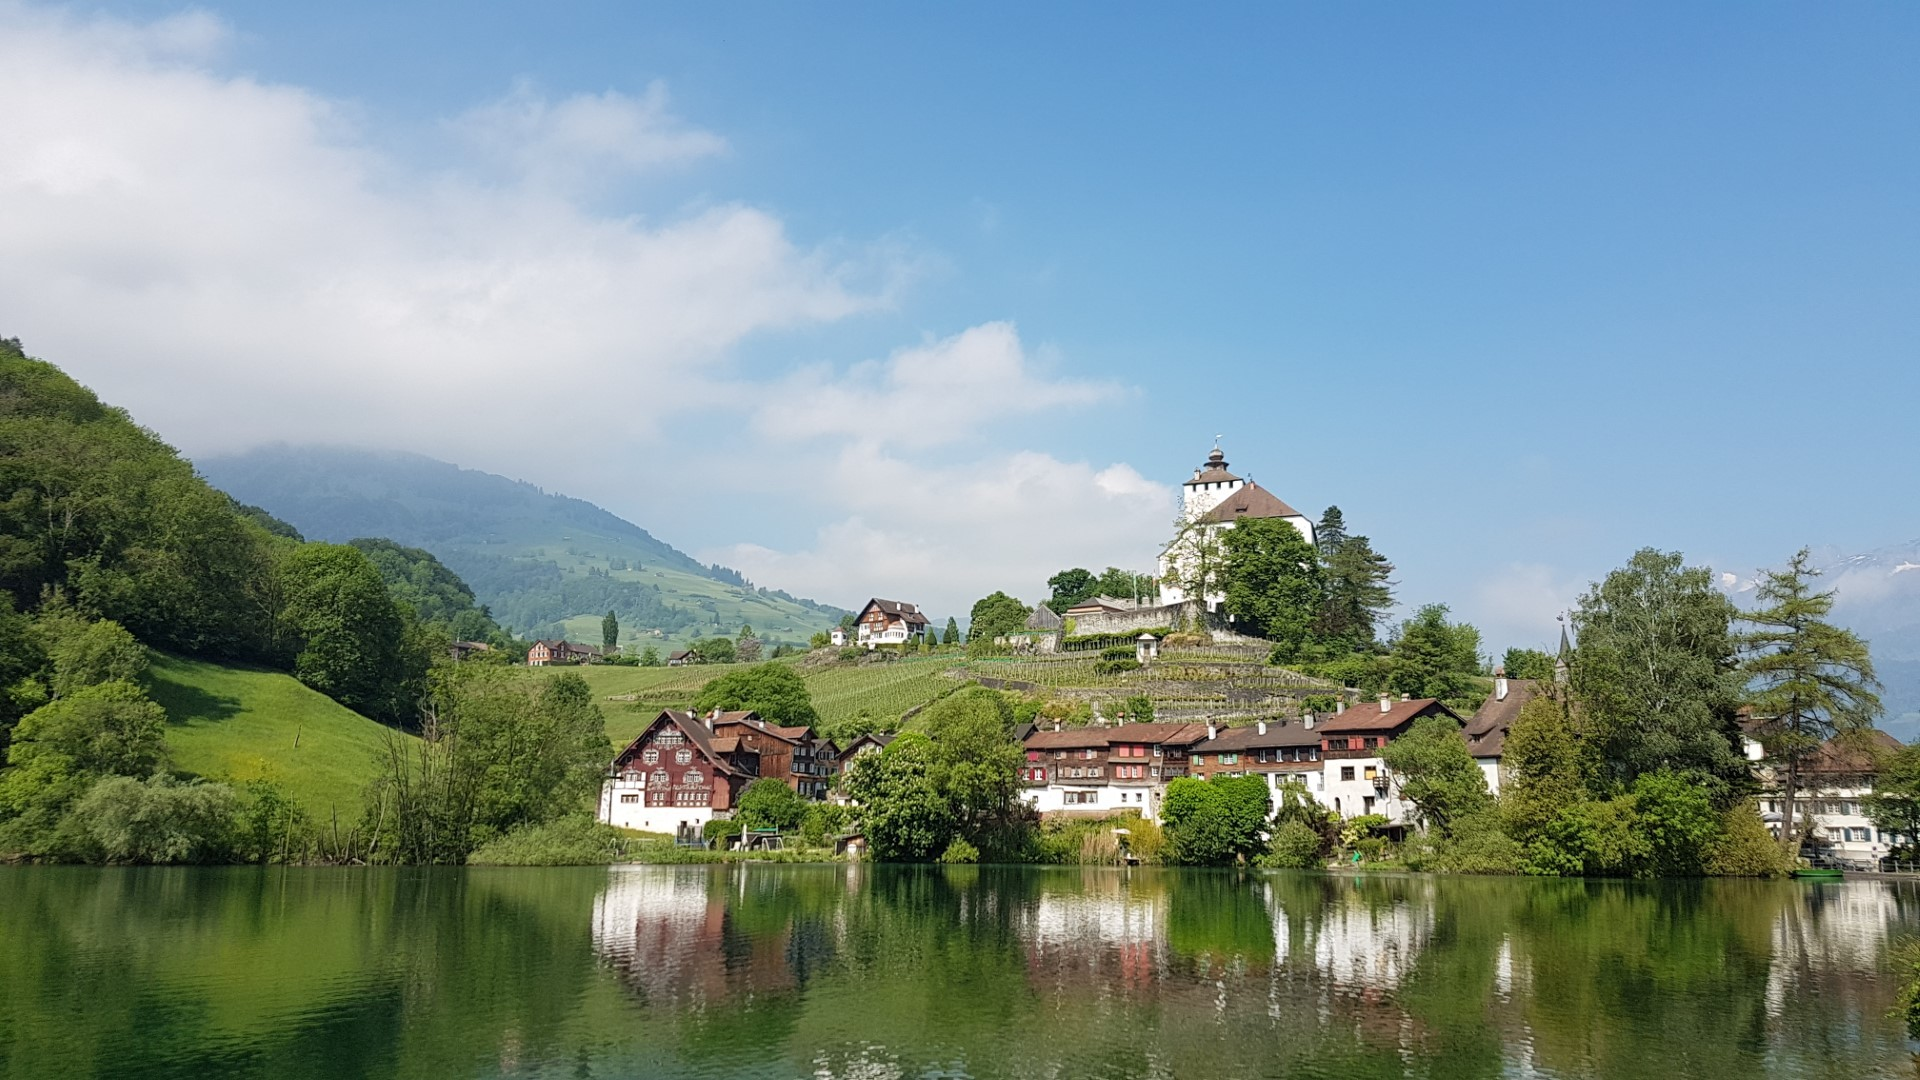 Werdenberg SG – Die kleinste Stadt der Schweiz (?) (2018-05-05)